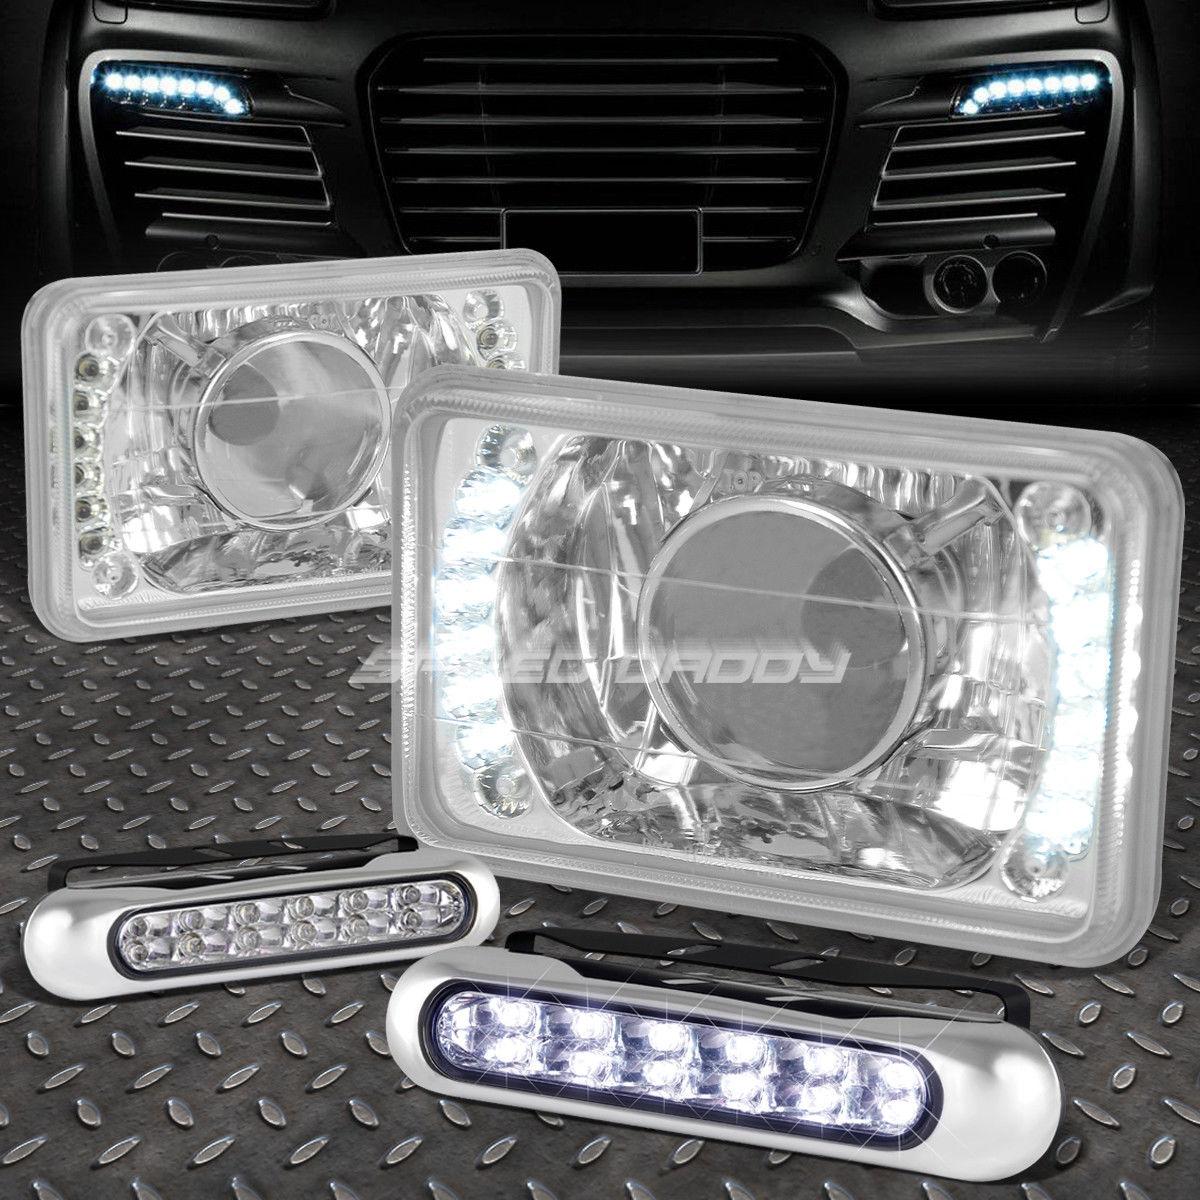 フォグライト 4x6 SQUARE CHROME PROJECTOR LED HEADLIGHT+12 LED GRILL FOG LIGHT FOR VW/NISSAN 4x6スクエアクロームプロジェクターLEDヘッドライト+ VW /日産用LEDグリルフォグライト12